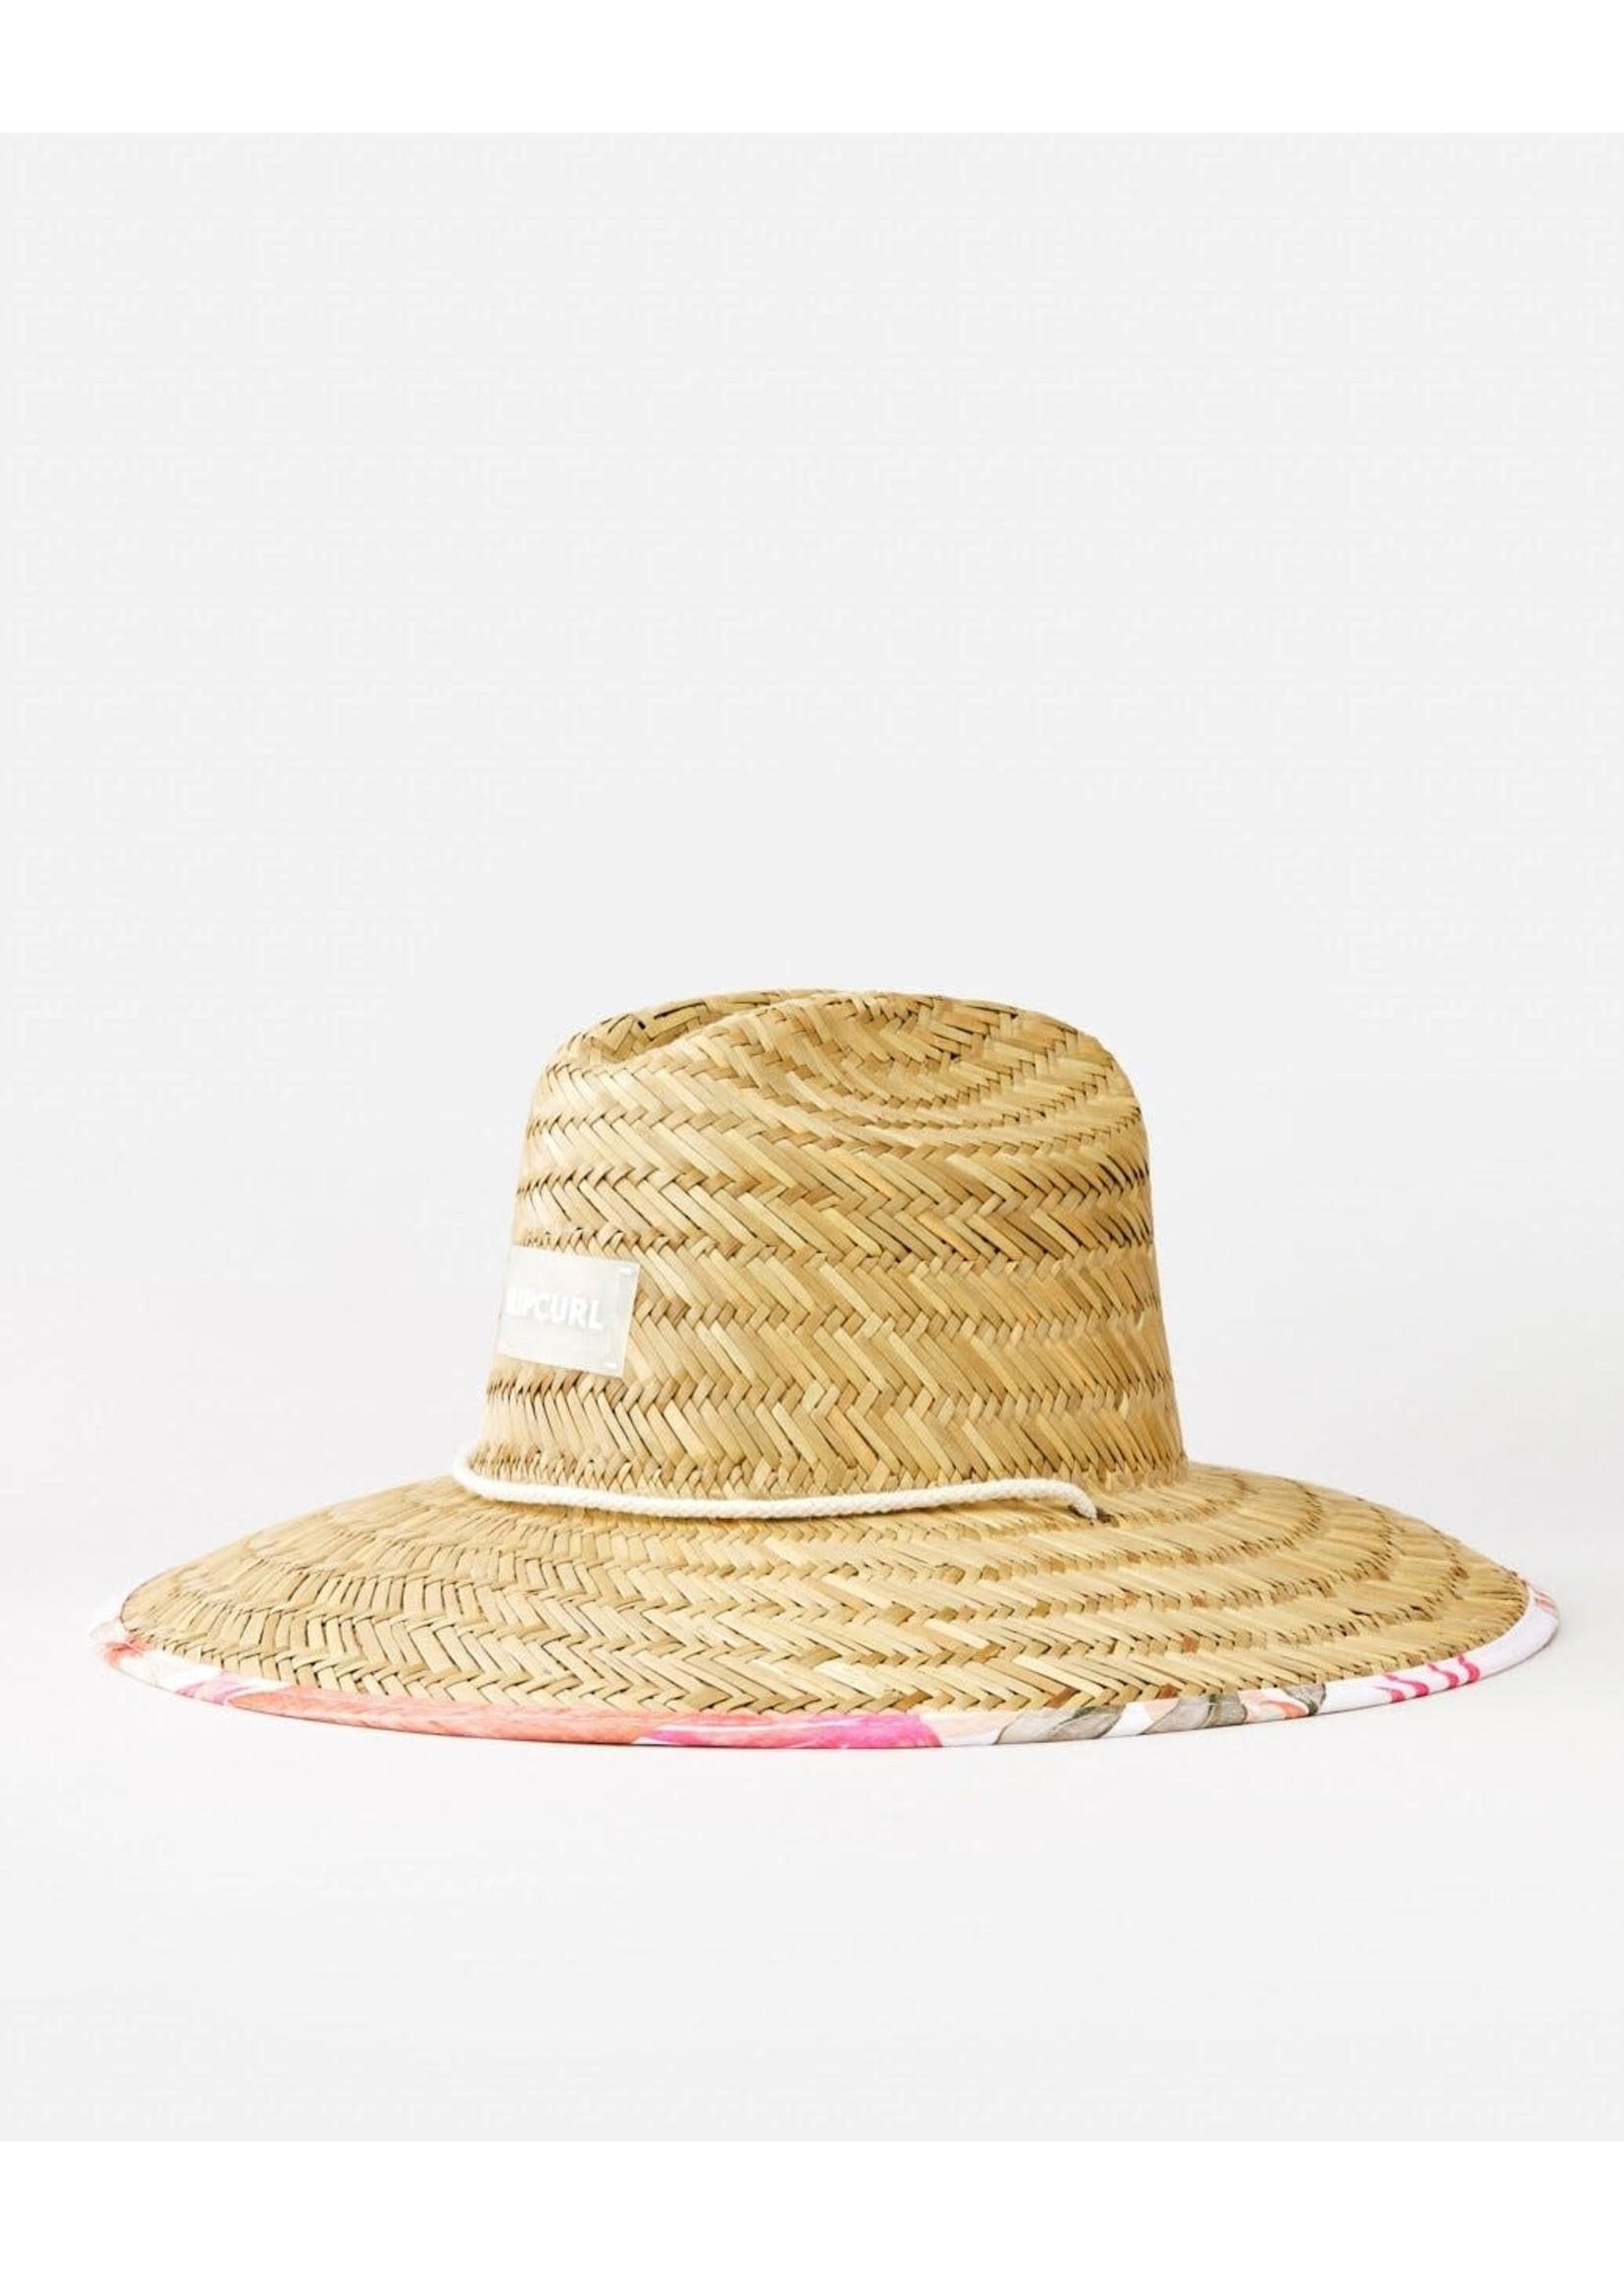 Ripcurl Ripcurl North Shore Straw Sun Hat